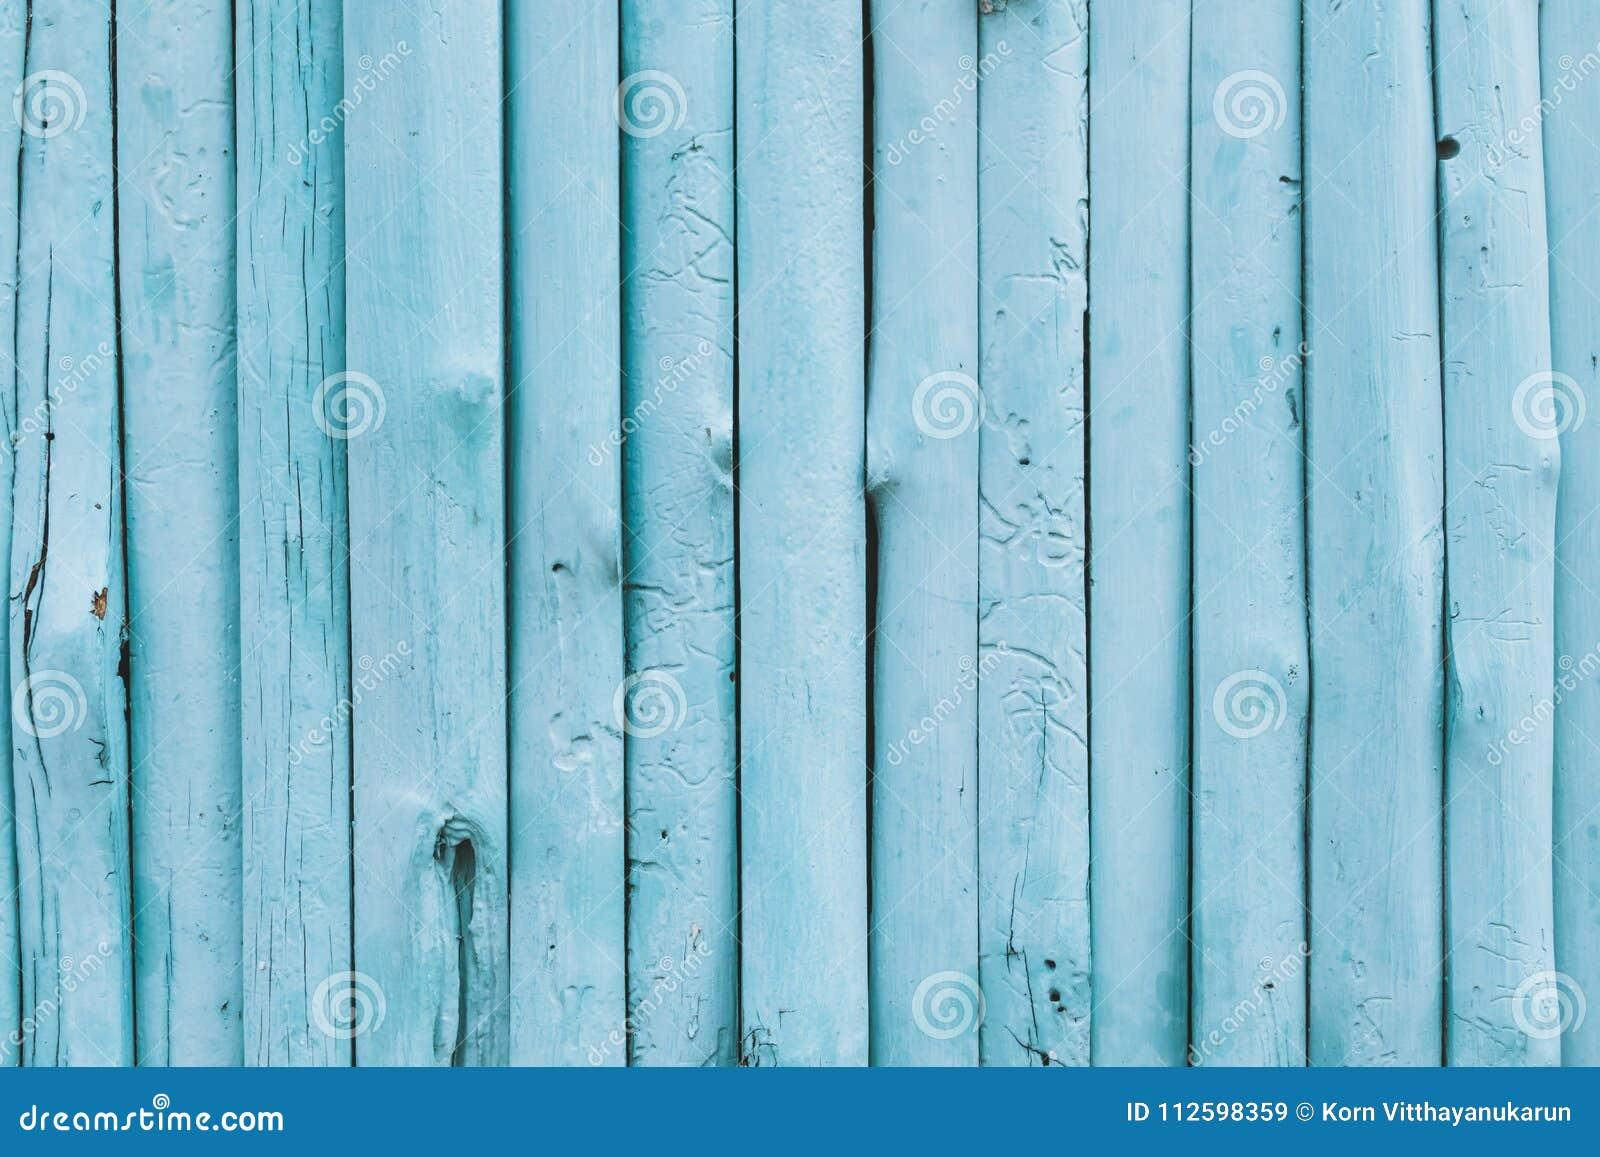 Fondo azul de madera del color del océano